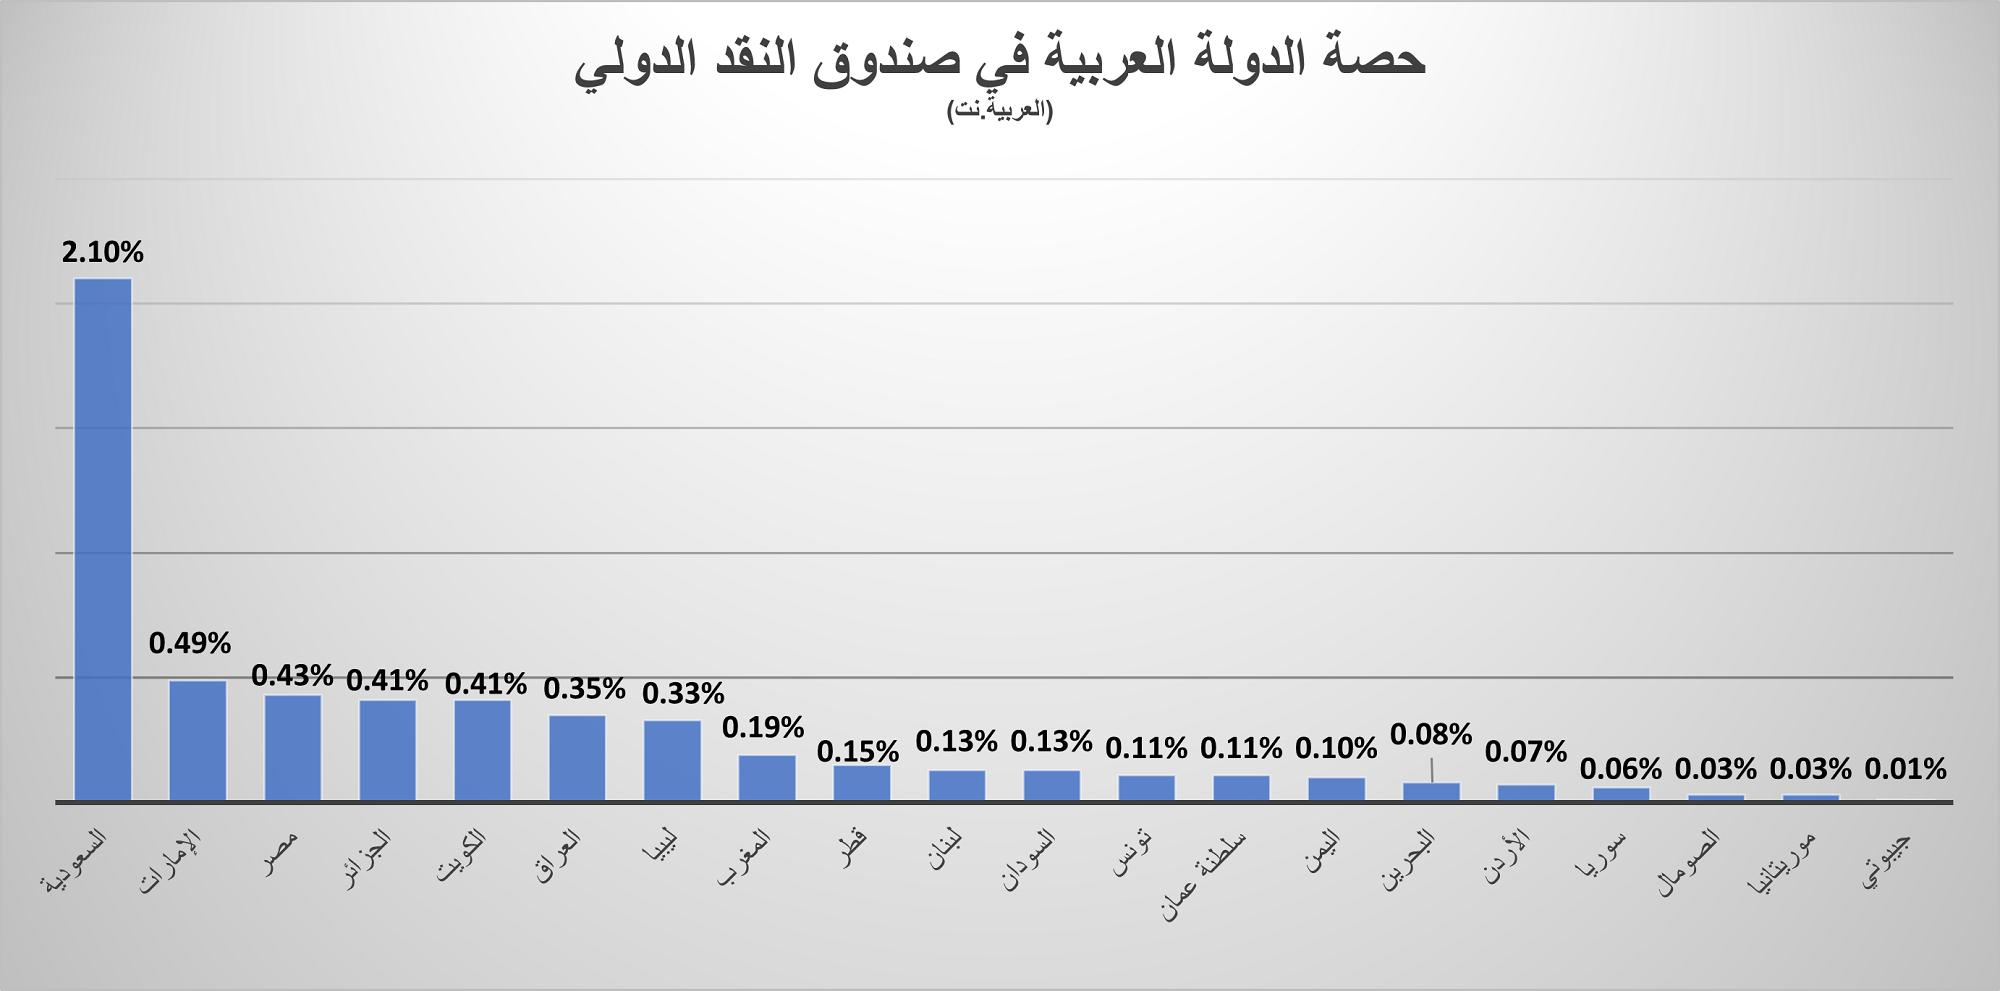 حصة الدول العربية في صندوق النقد الدولي